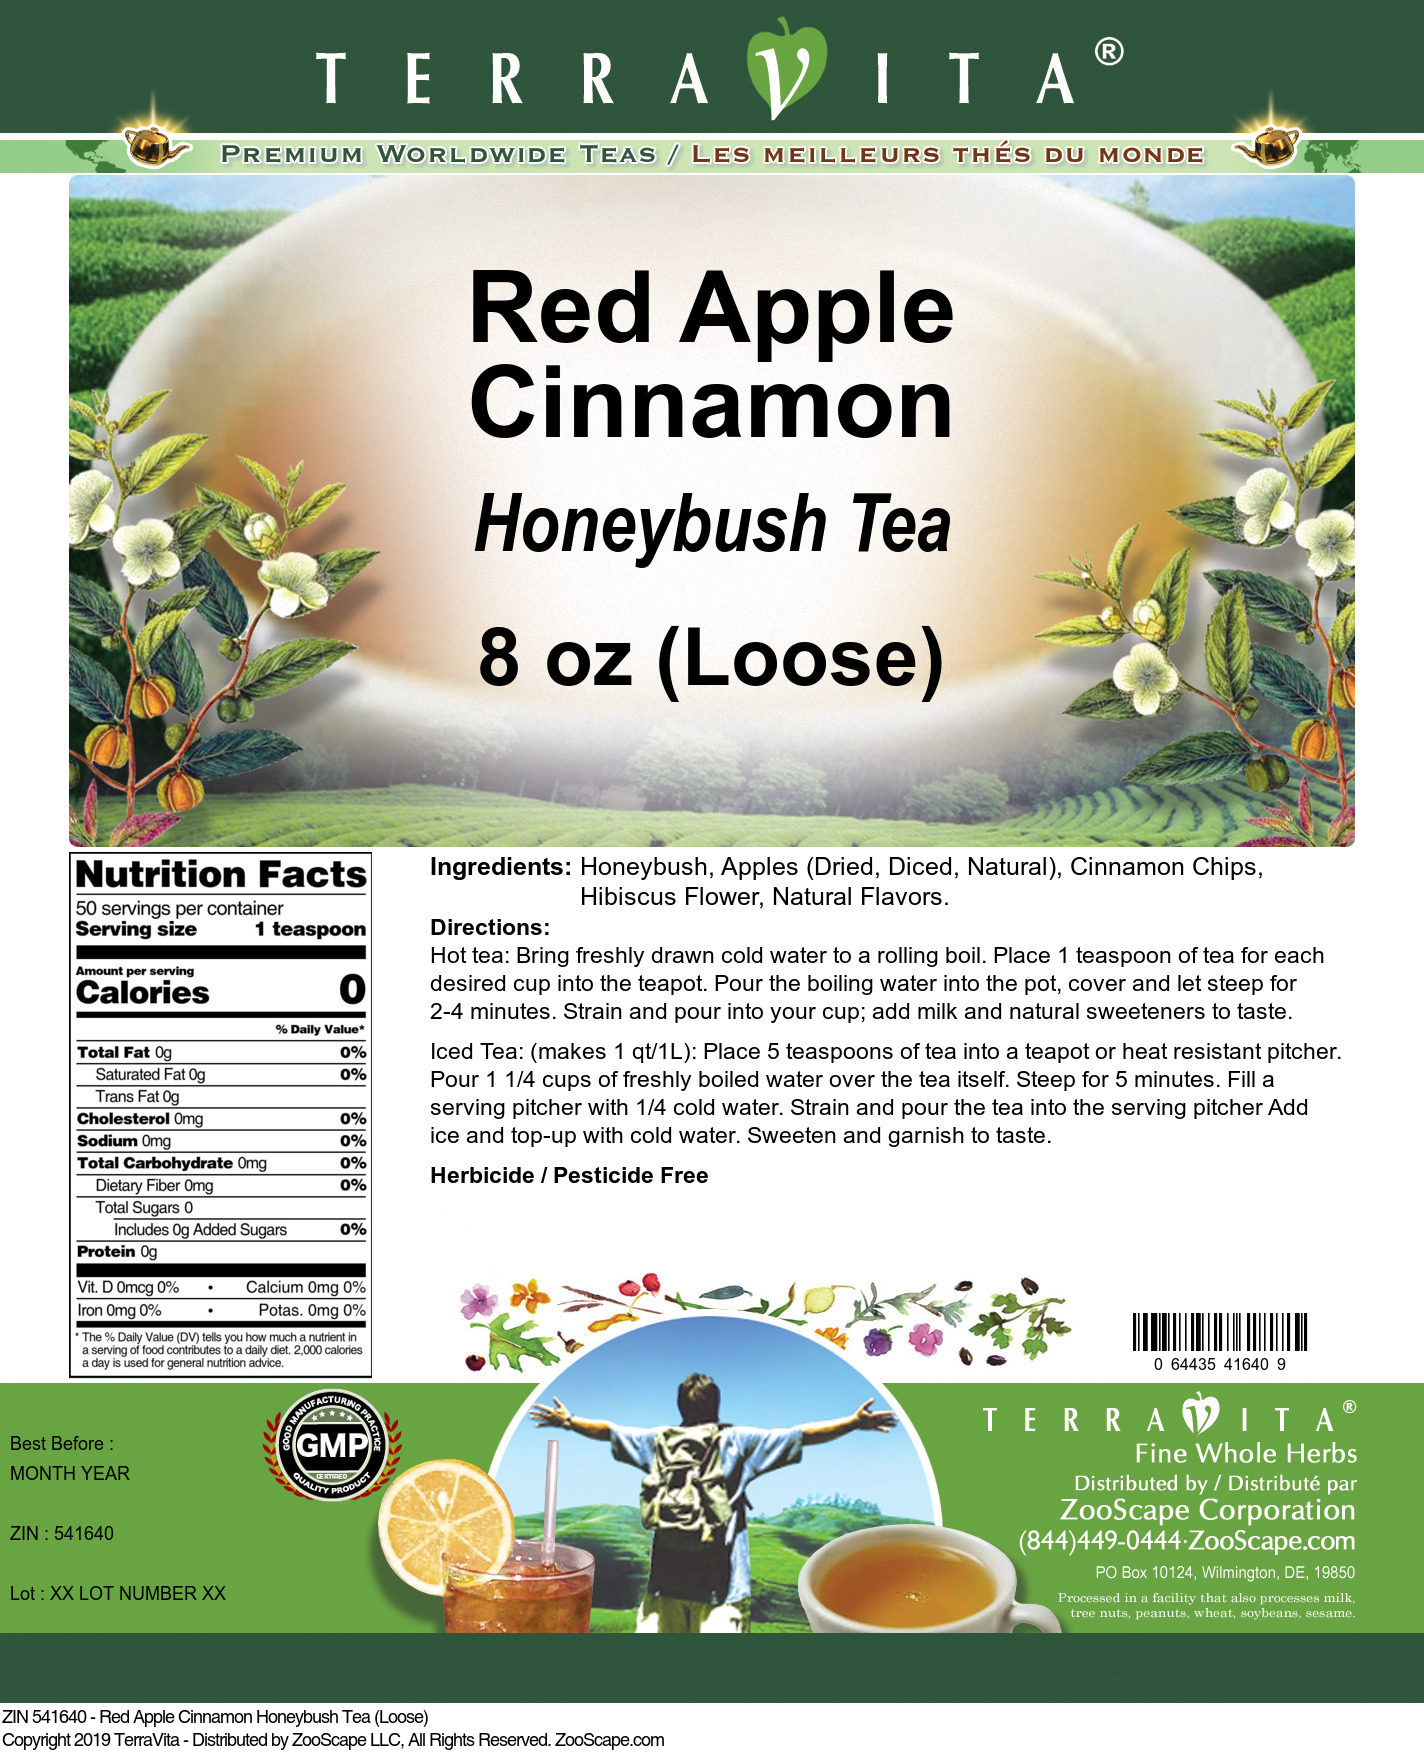 Red Apple Cinnamon Honeybush Tea